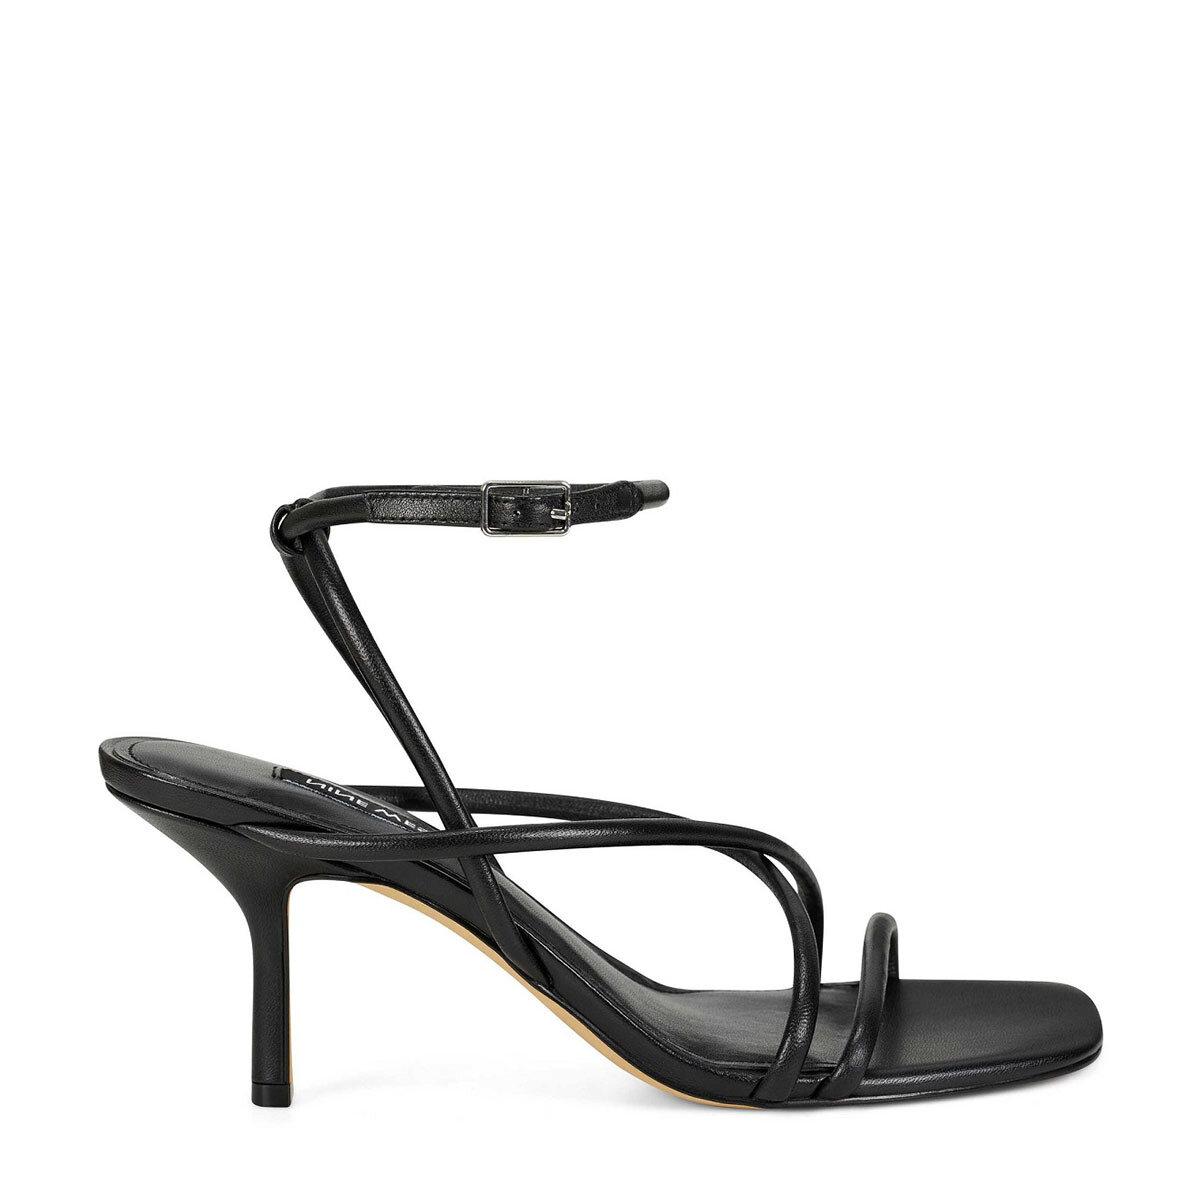 NOLAN3 Siyah Kadın Topuklu Ayakkabı